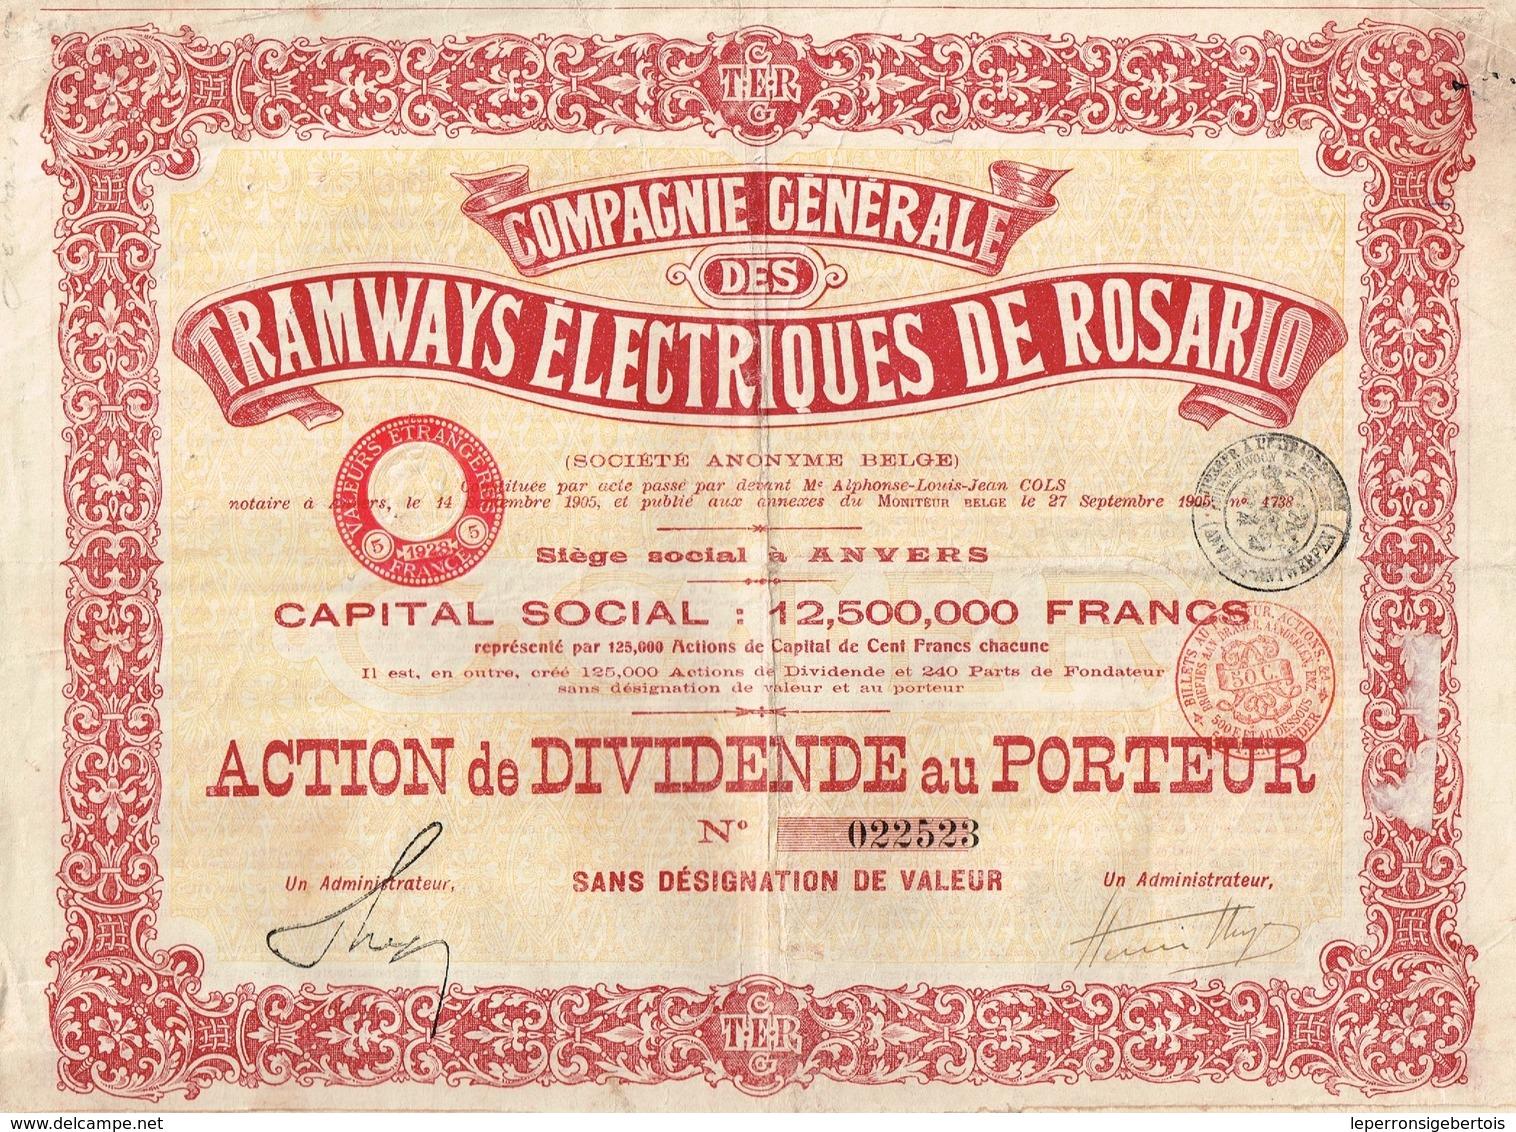 Action Ancienne - Compagnie Générale DesTramways Electriques De Rosario - Titre De 1905 - Chemin De Fer & Tramway